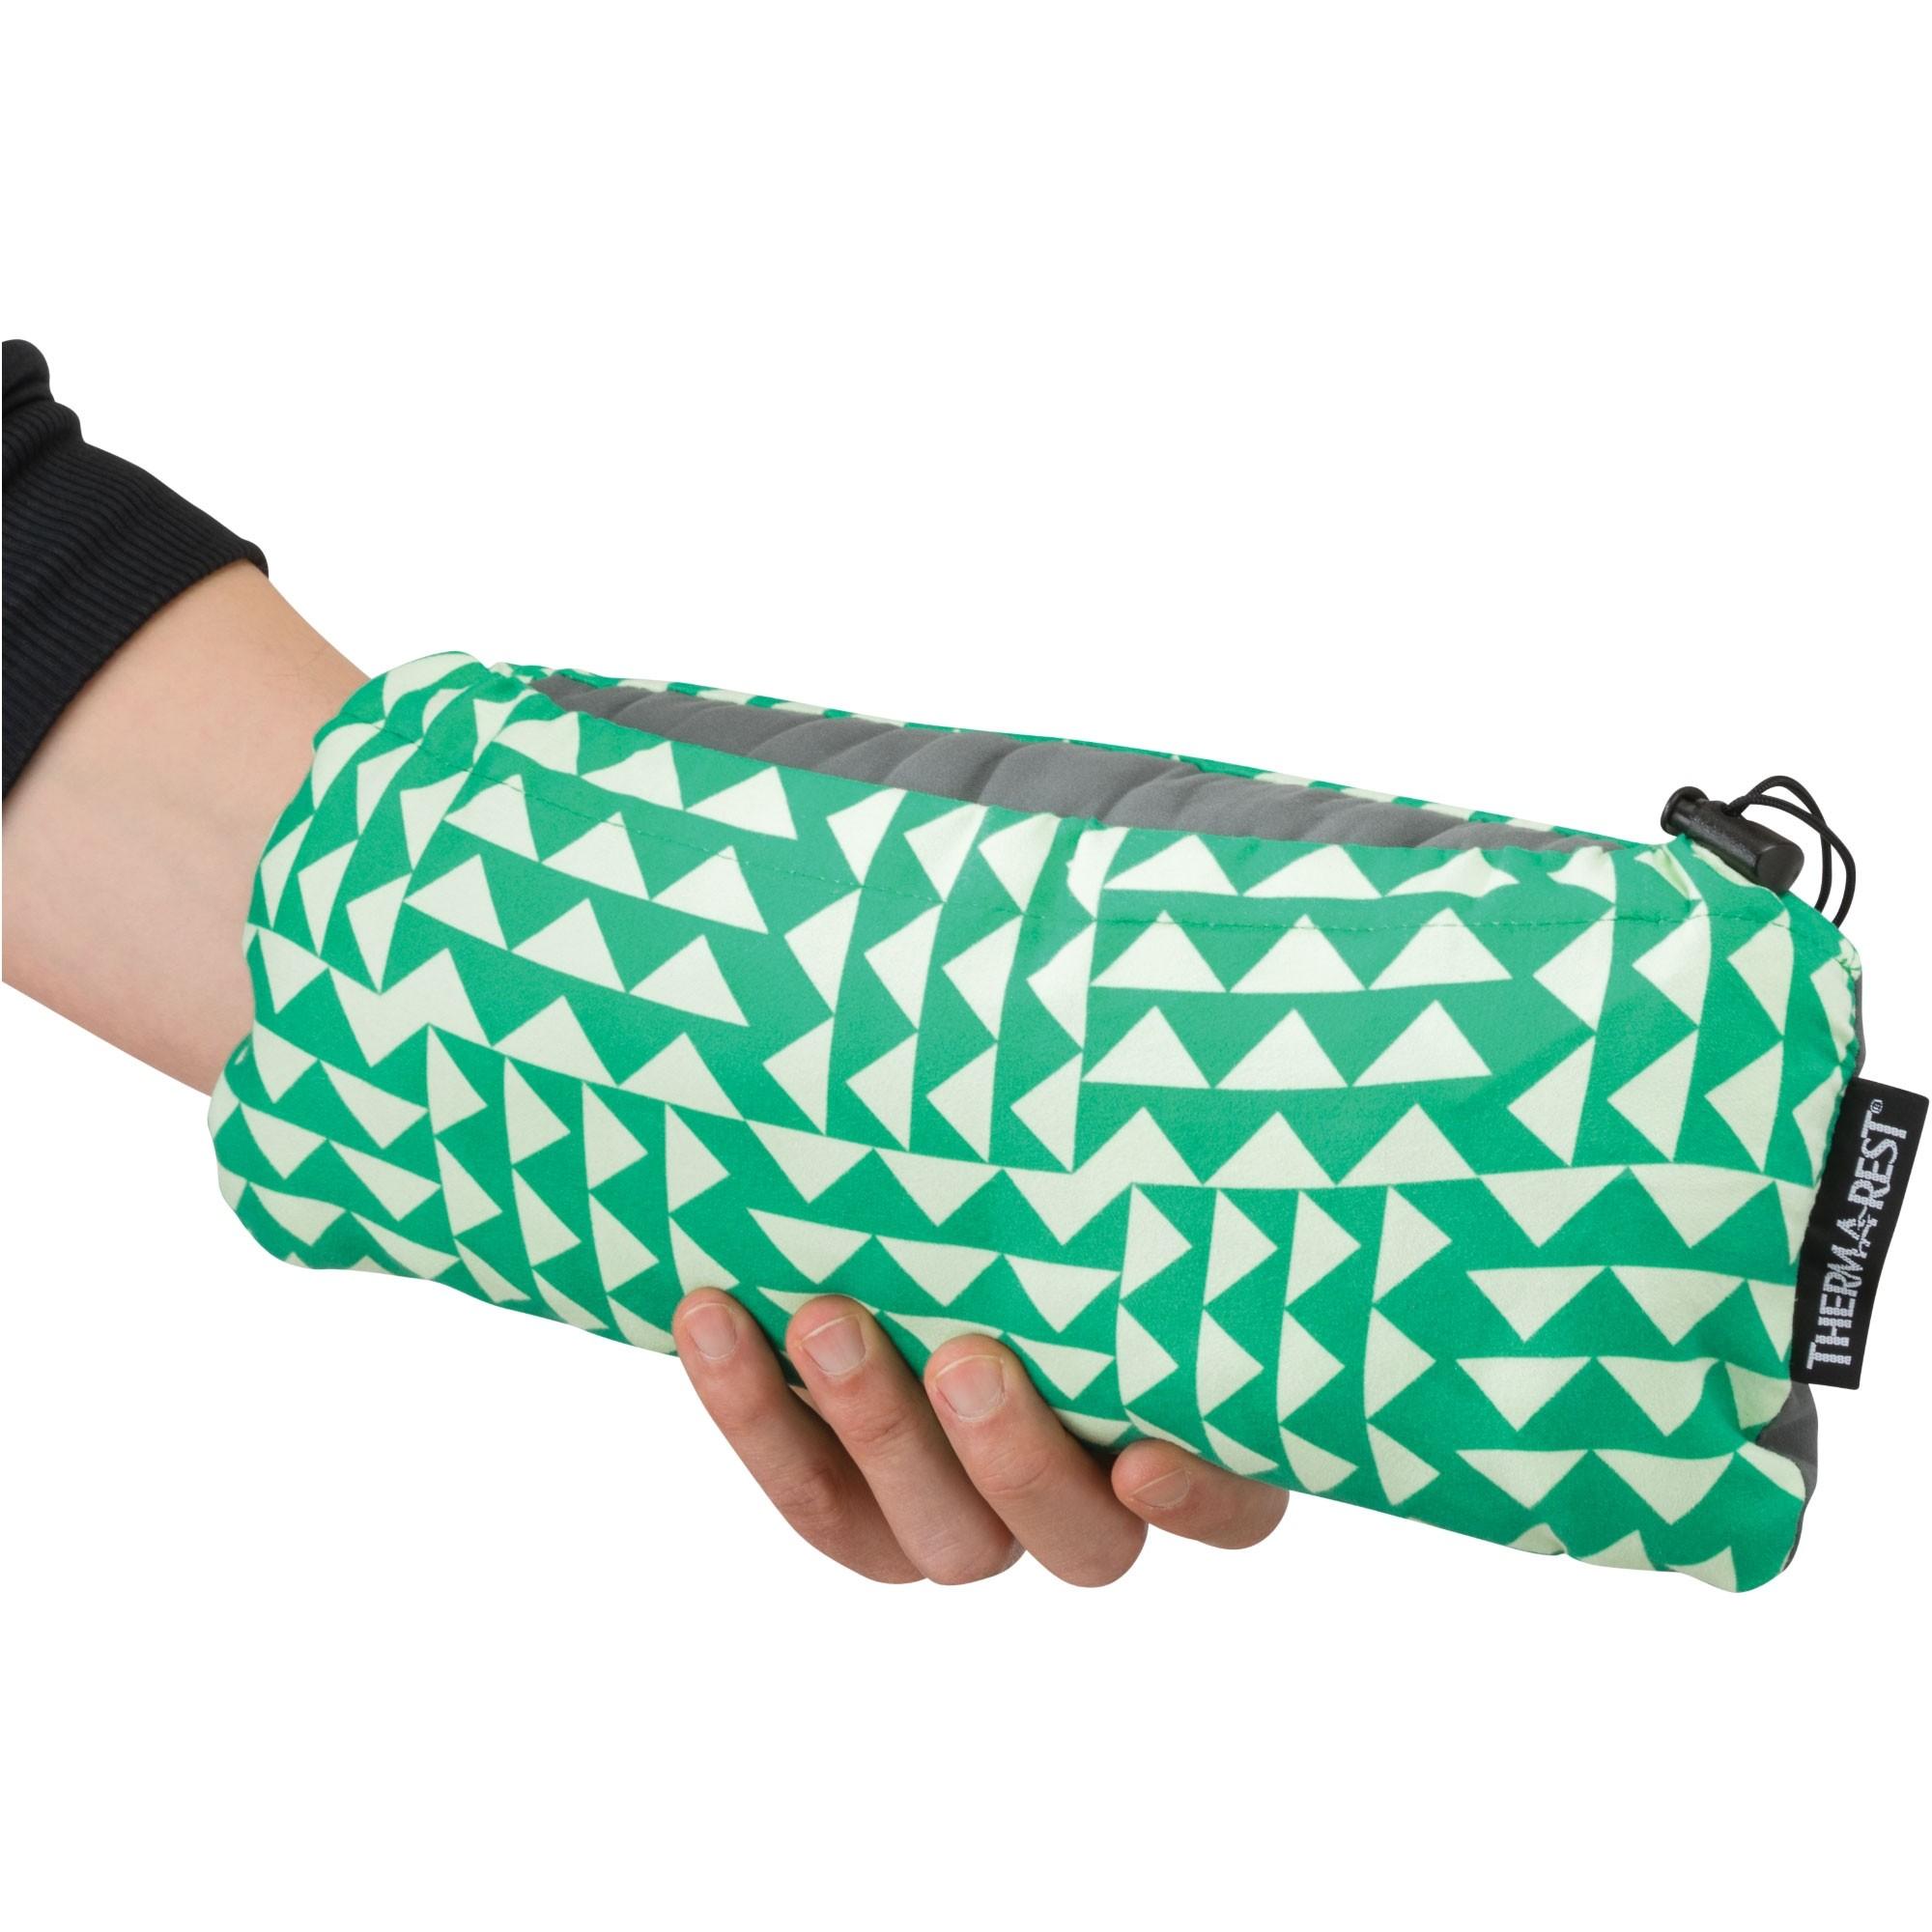 Therm-a-Rest Compressible Pillow - Pistachio